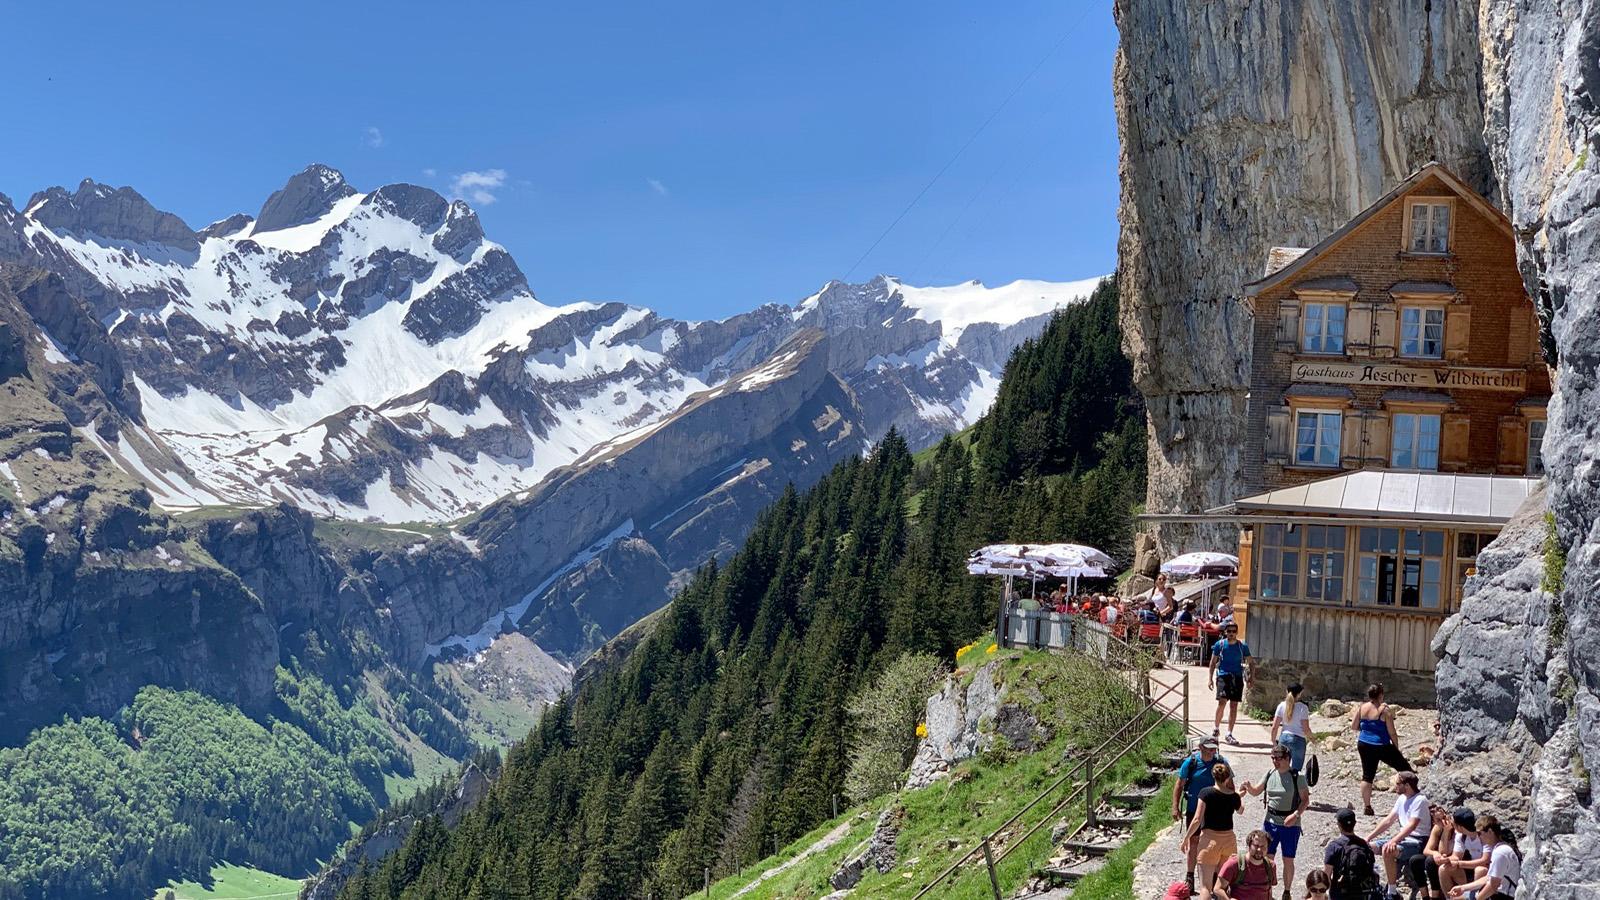 Appenzell Schweiz auf der berühmten Berghütte. Fast schon hochalpin aber gut erreichbar...